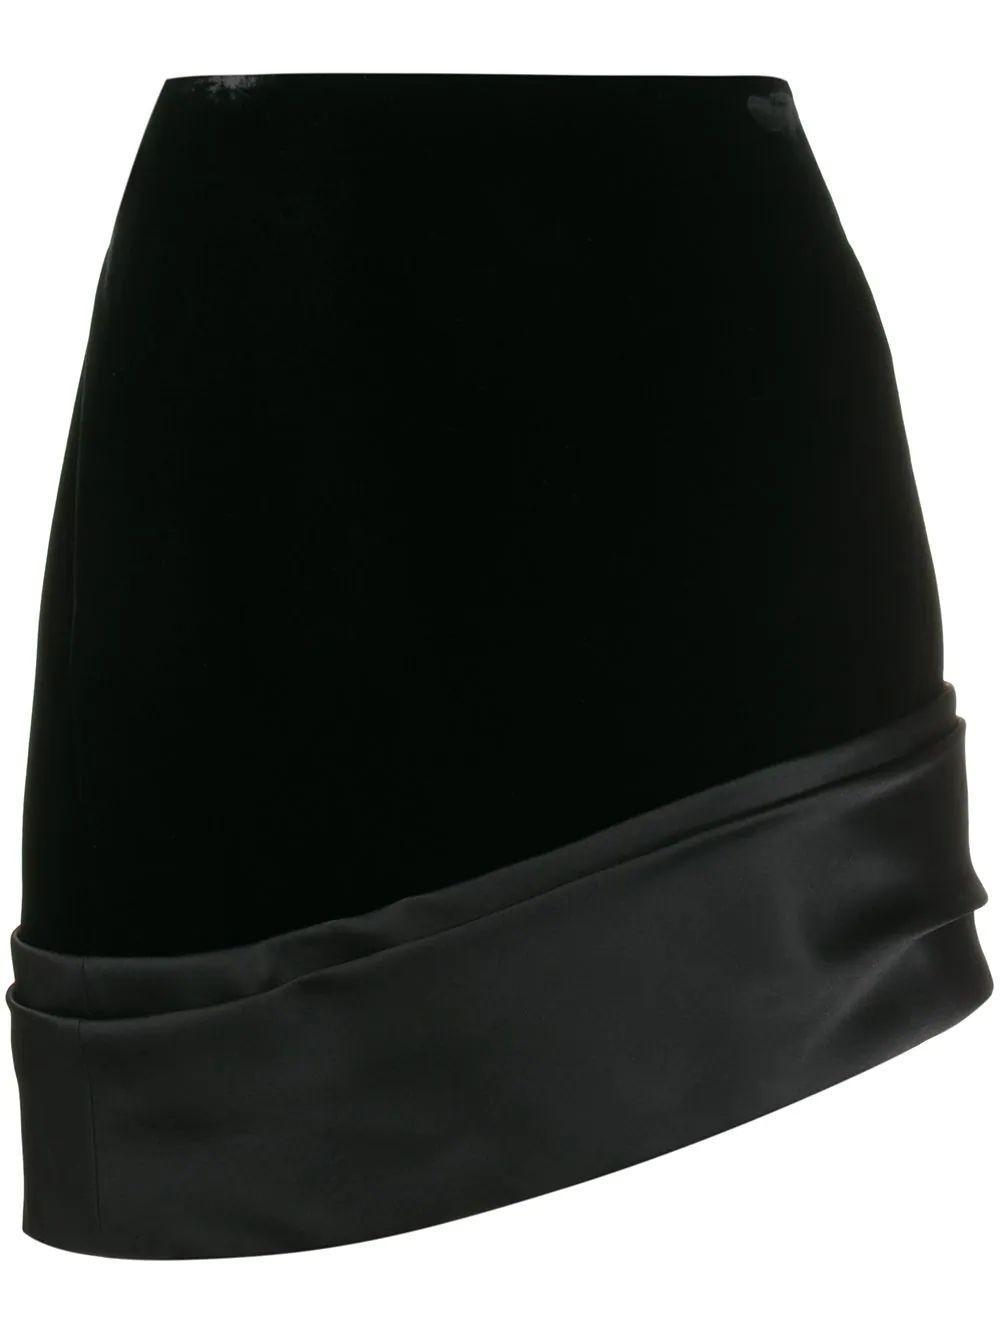 Velvet Skirt With Satin Band